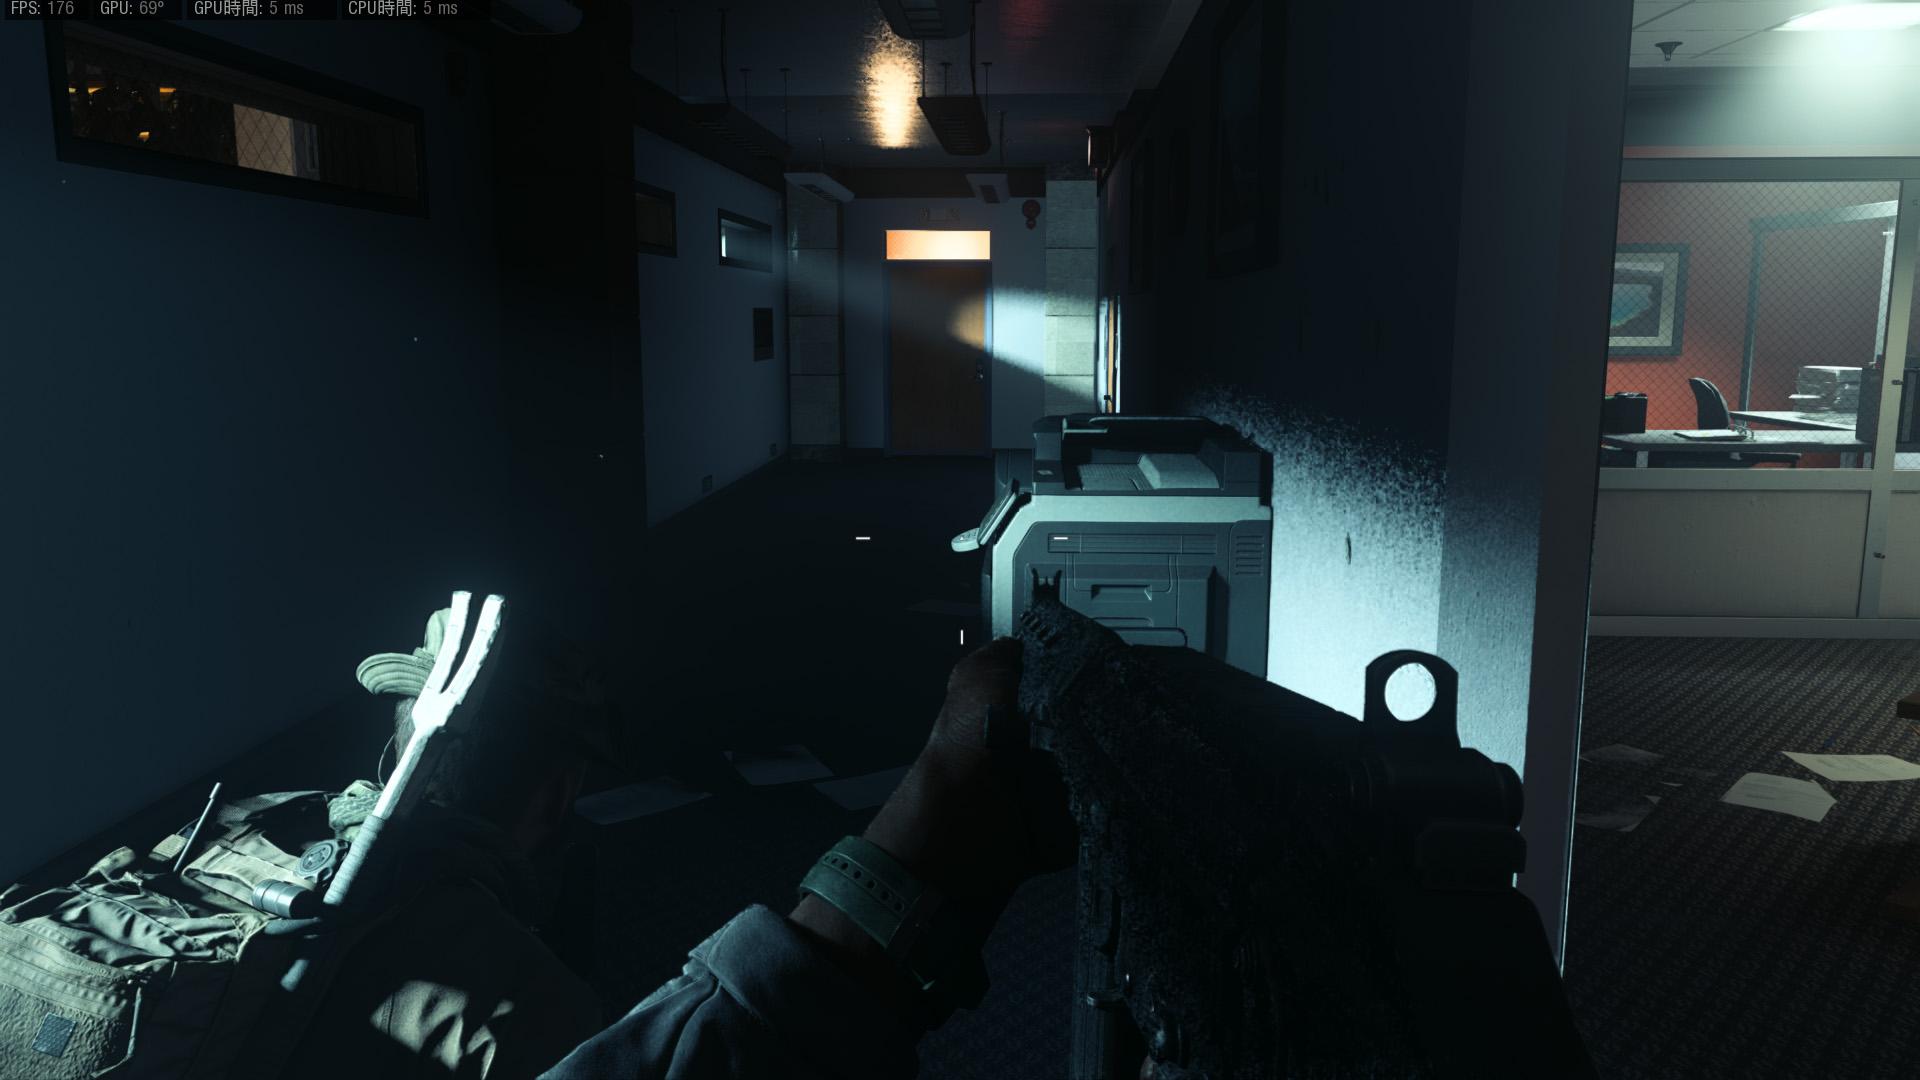 """DXRをONにすると壁に落ちる影の輪郭がよりリアルさを増す。天井に反射する照明も""""よりそれっぽく""""表現されている<br>(C)2019 Activision Publishing, Inc."""